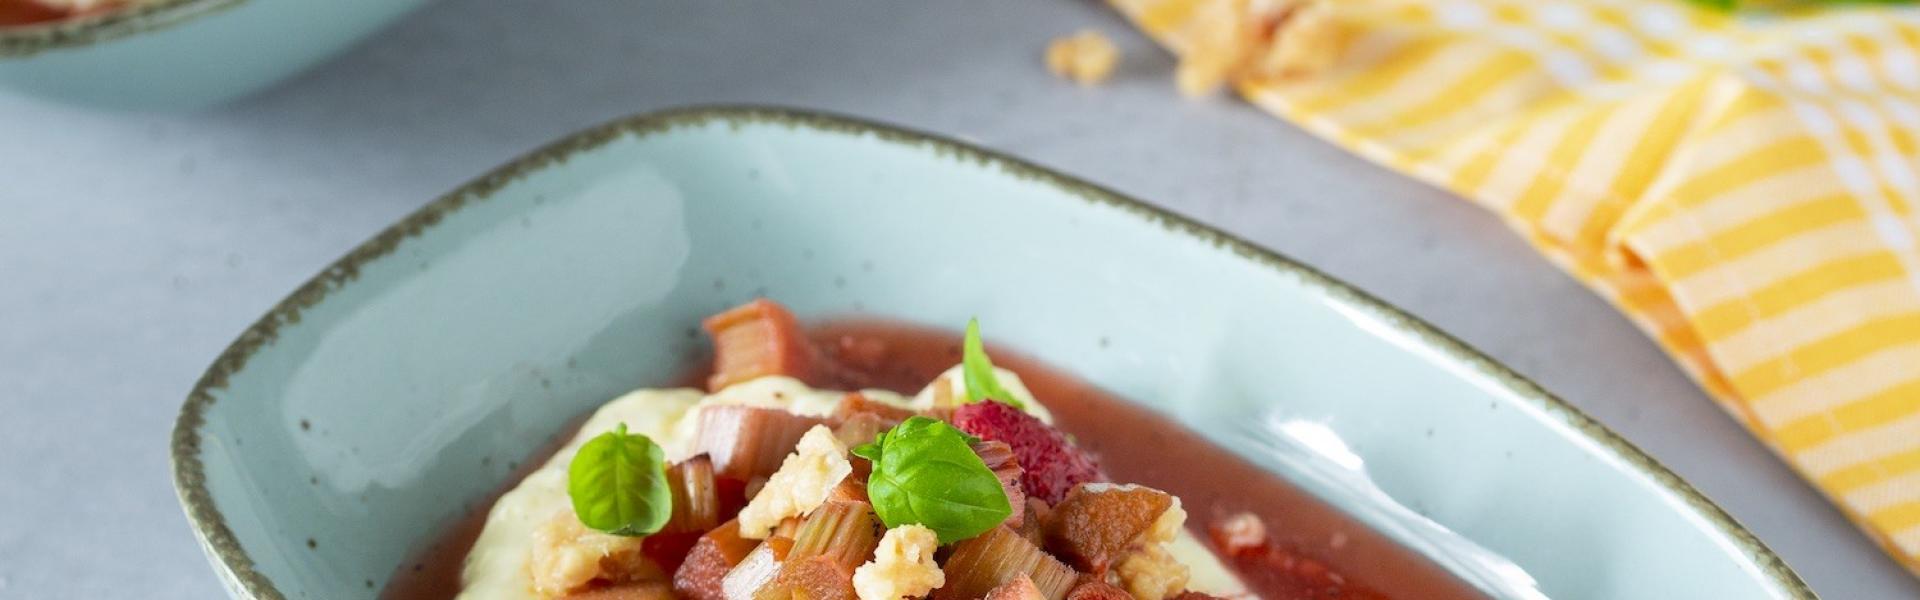 Rhabarber-Erdbeer-Kompott mit Vanillepudding in einem tiefen Teller angerichtet.